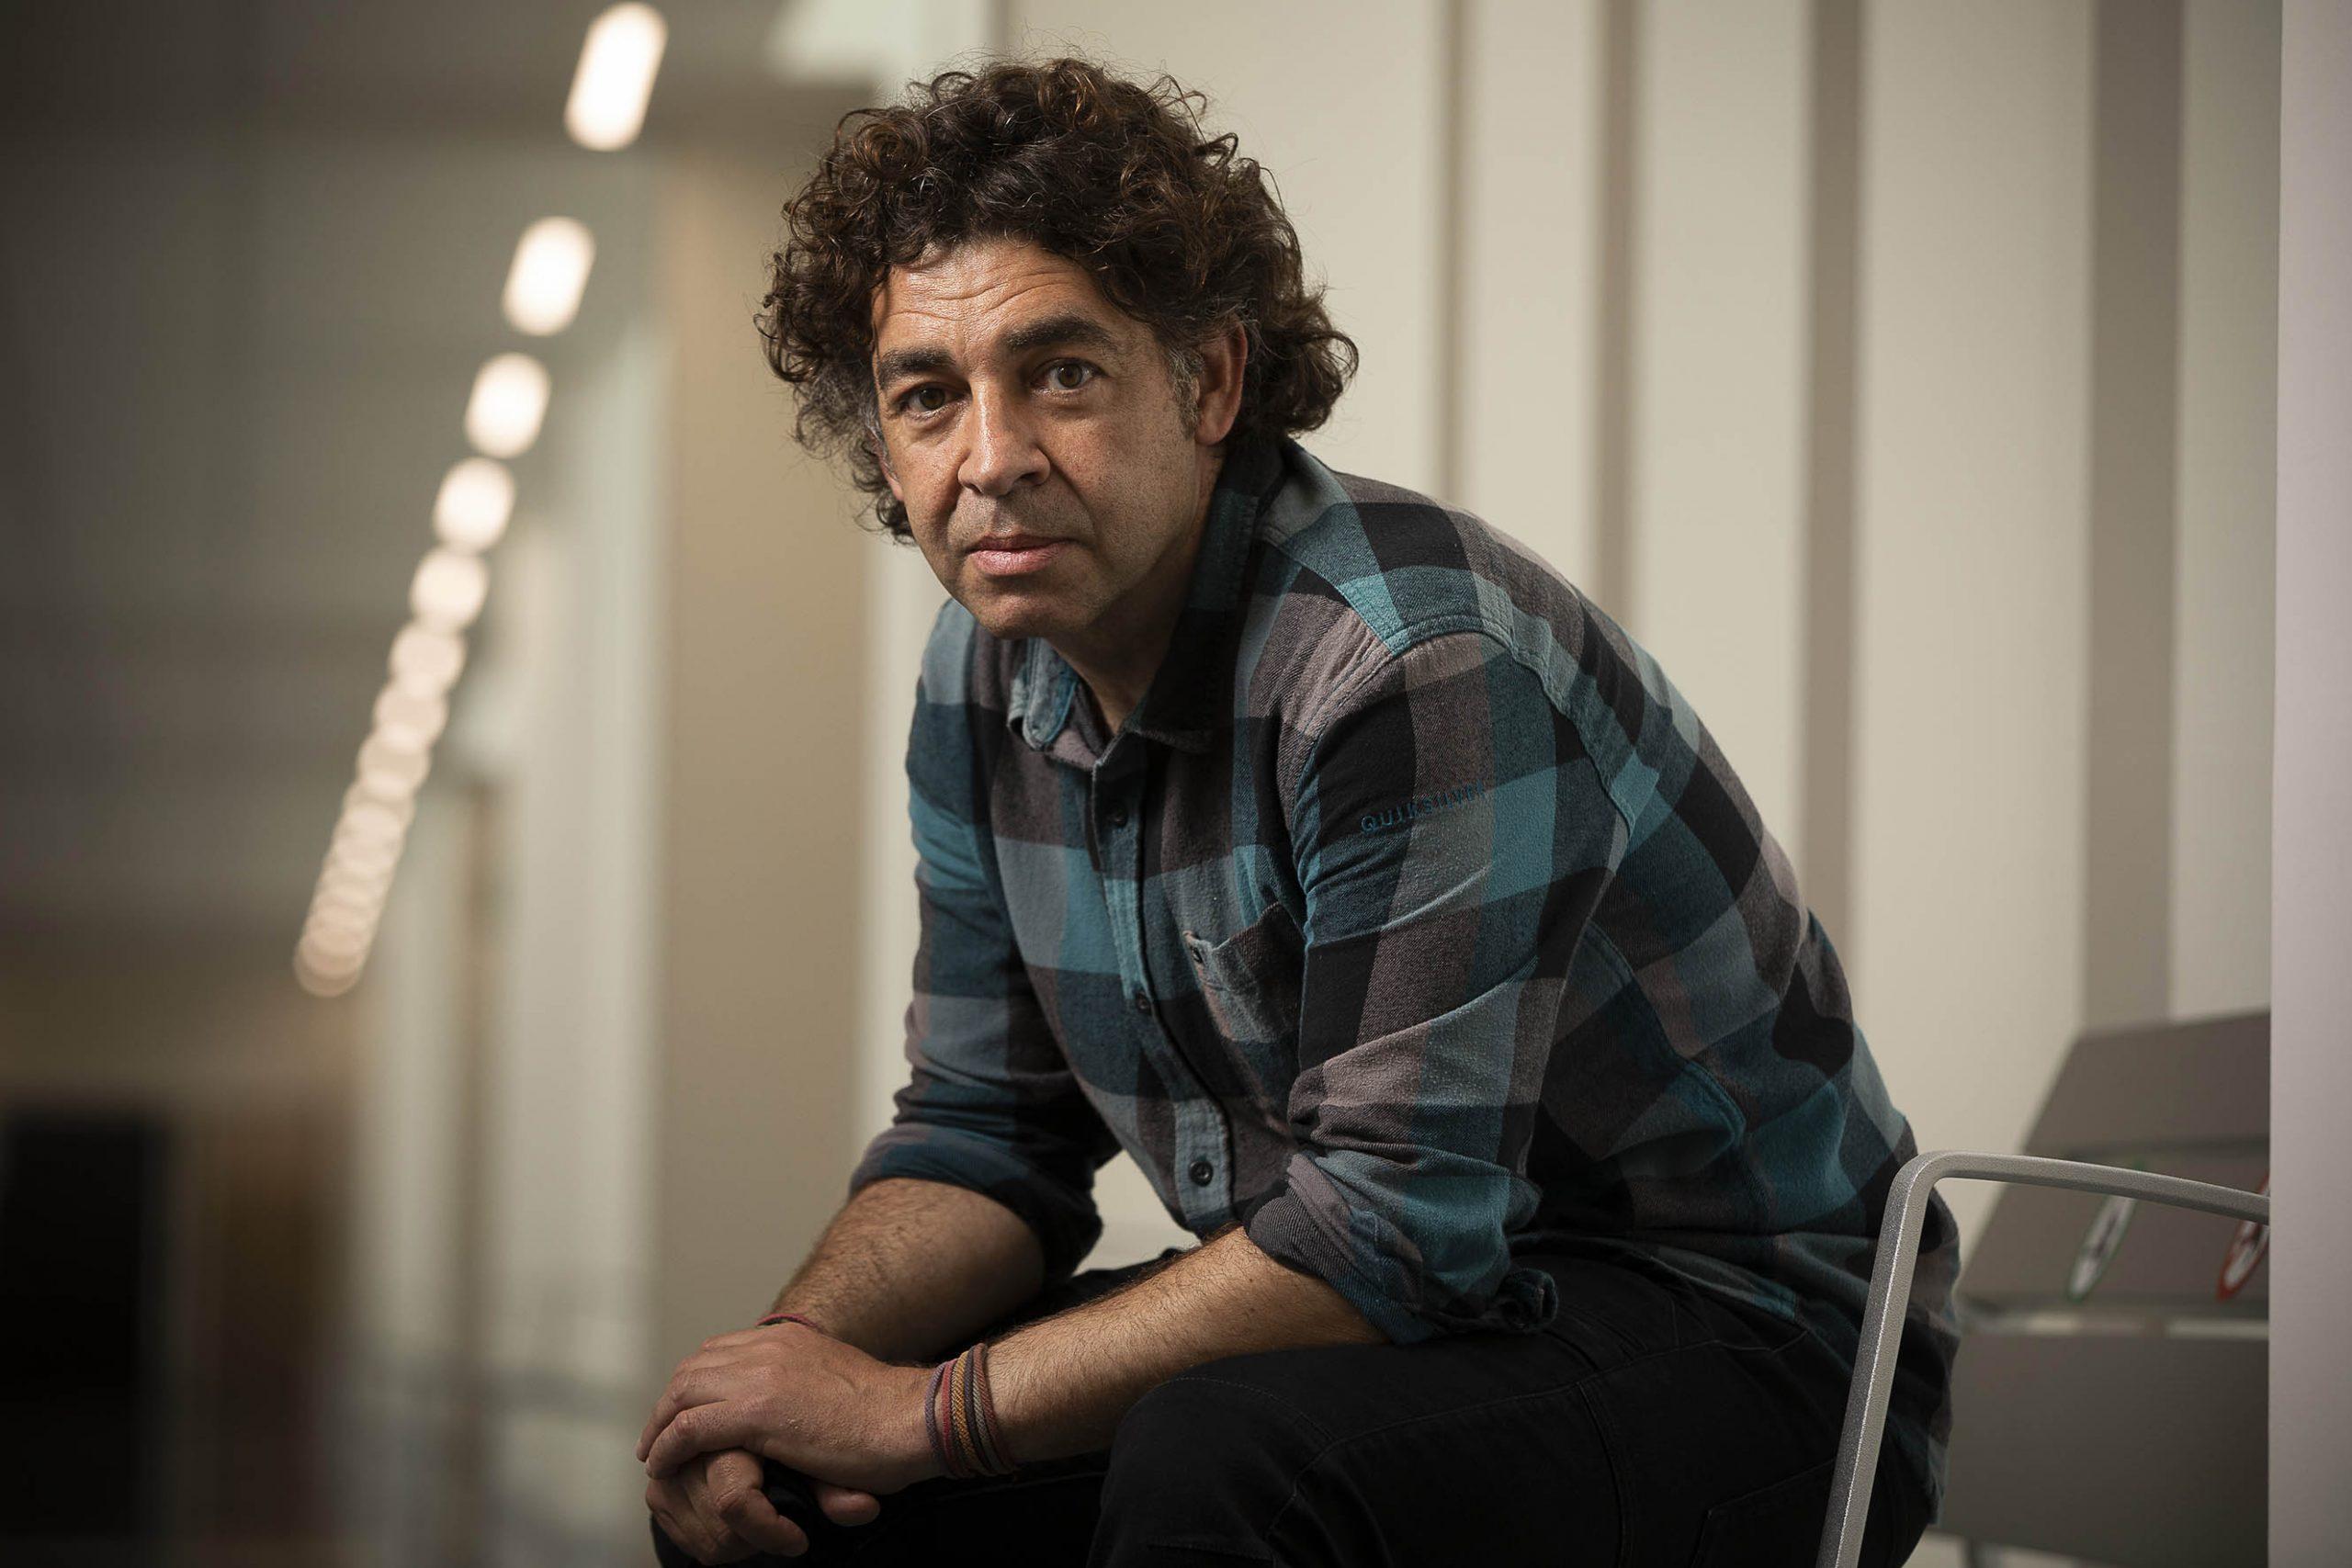 El candidat a la Sindicatura de Greuges de Barcelona més votat, David Bondia / Jordi Play